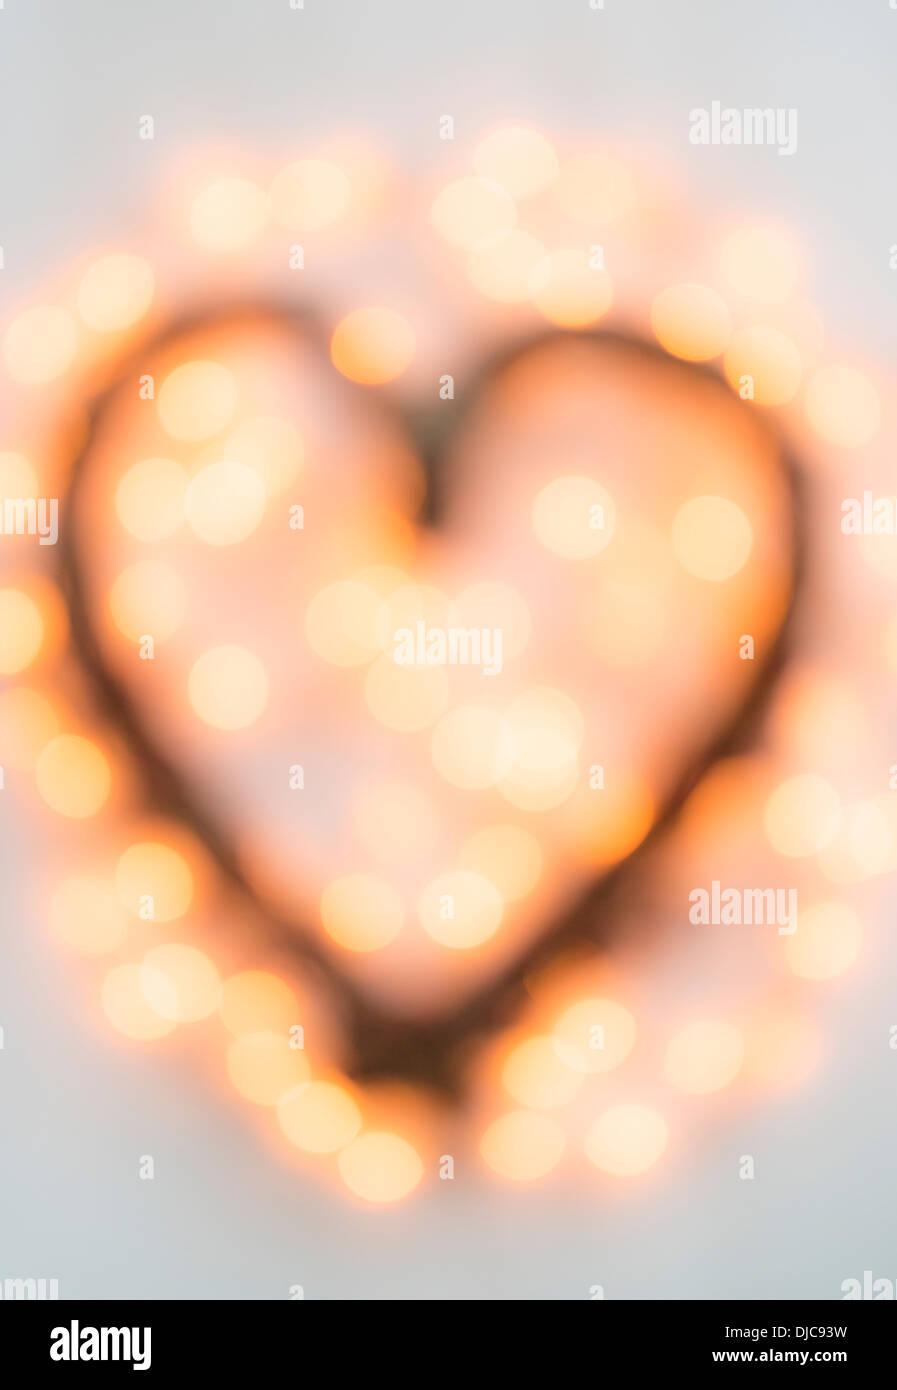 Al di fuori della messa a fuoco a forma di cuore decorazioni di Natale Immagini Stock